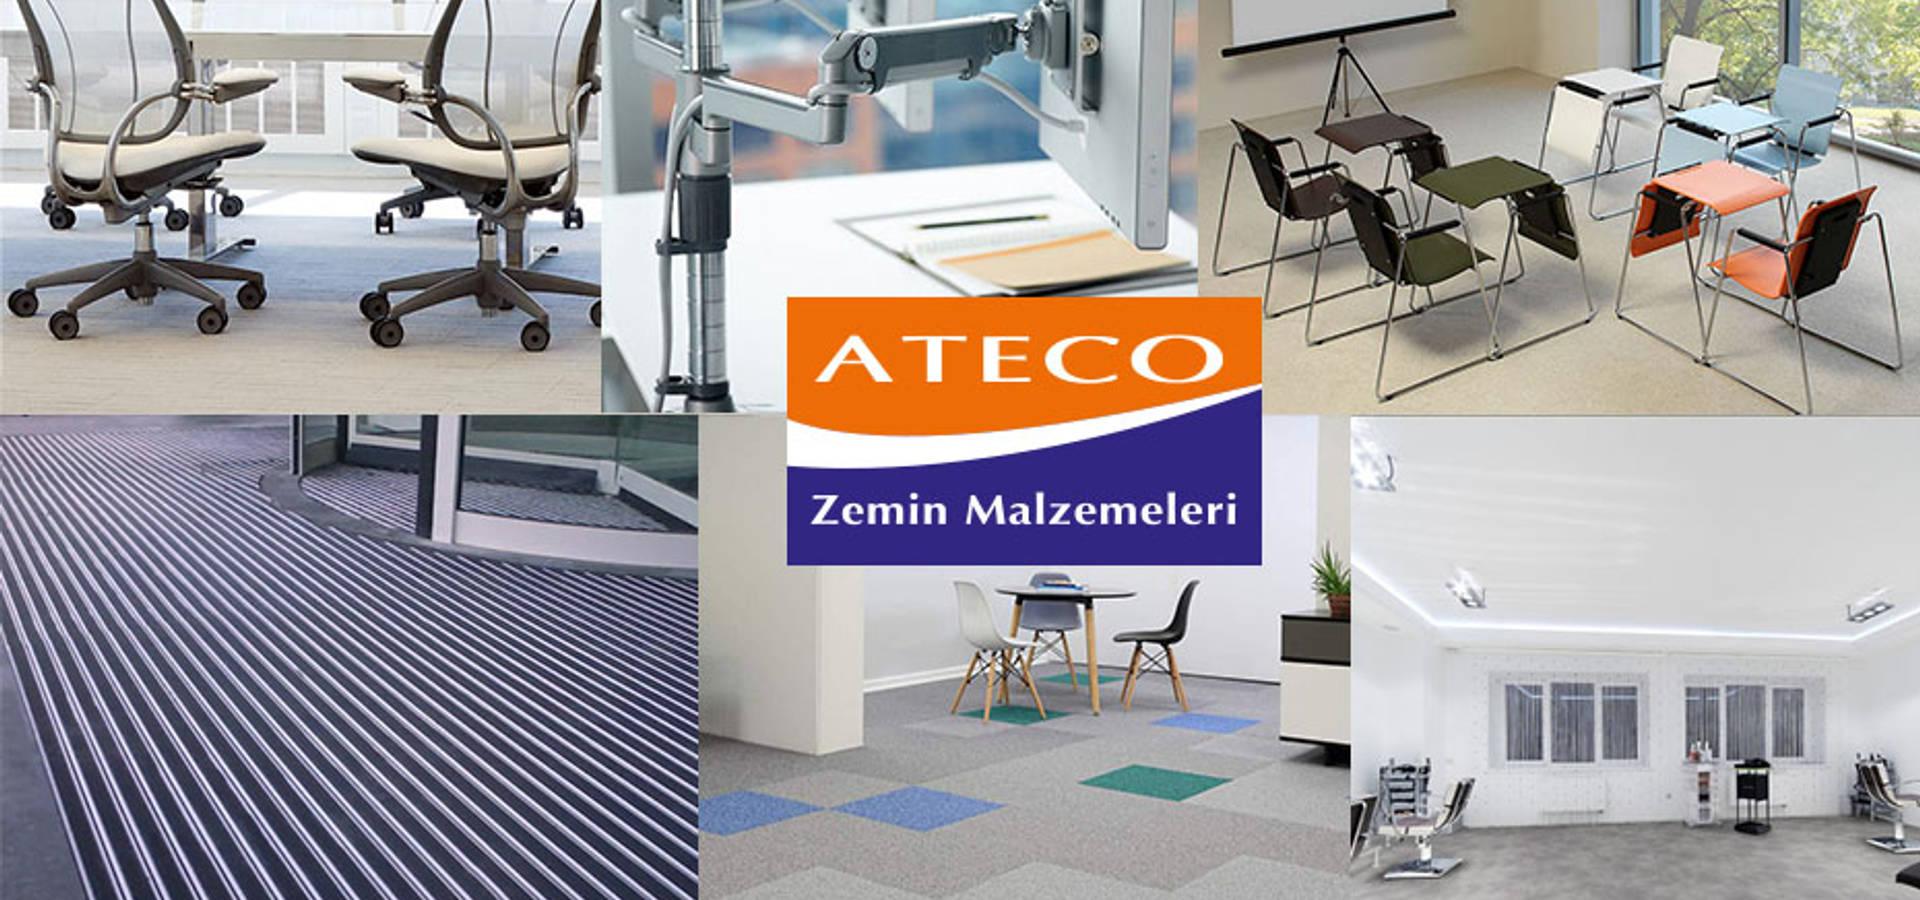 ATECO ZEMİN MALZEMELERİ SAN. TİC. LTD. ŞTİ